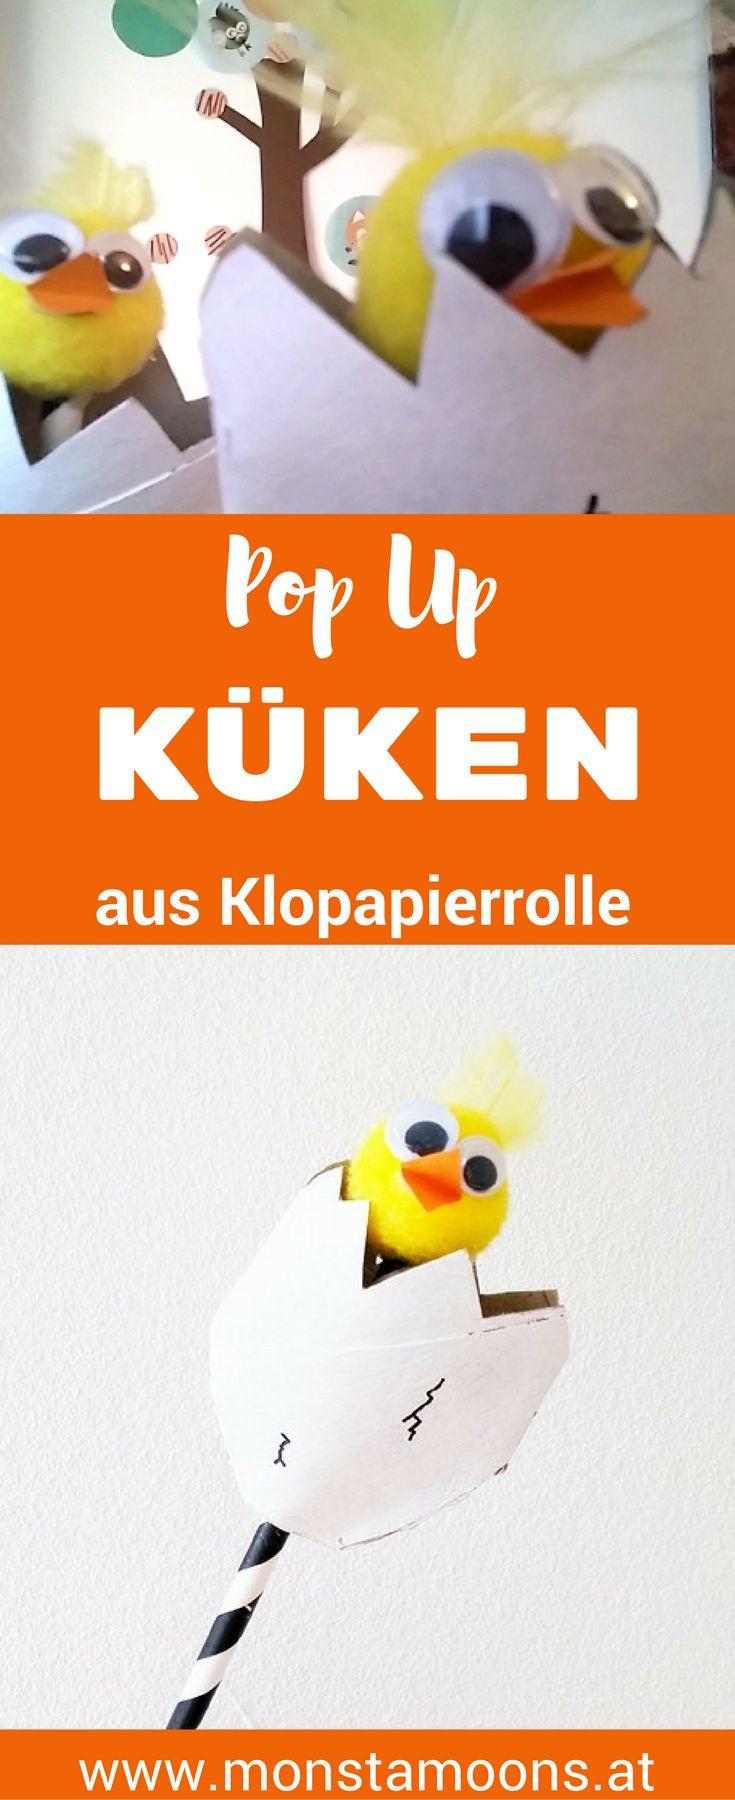 Pop-Up Küken, Küken basteln, Überraschungsei, Monstamoons, easter crafts, Basteln für Ostern, pop-up chick, chick crafts, pop-up crafts